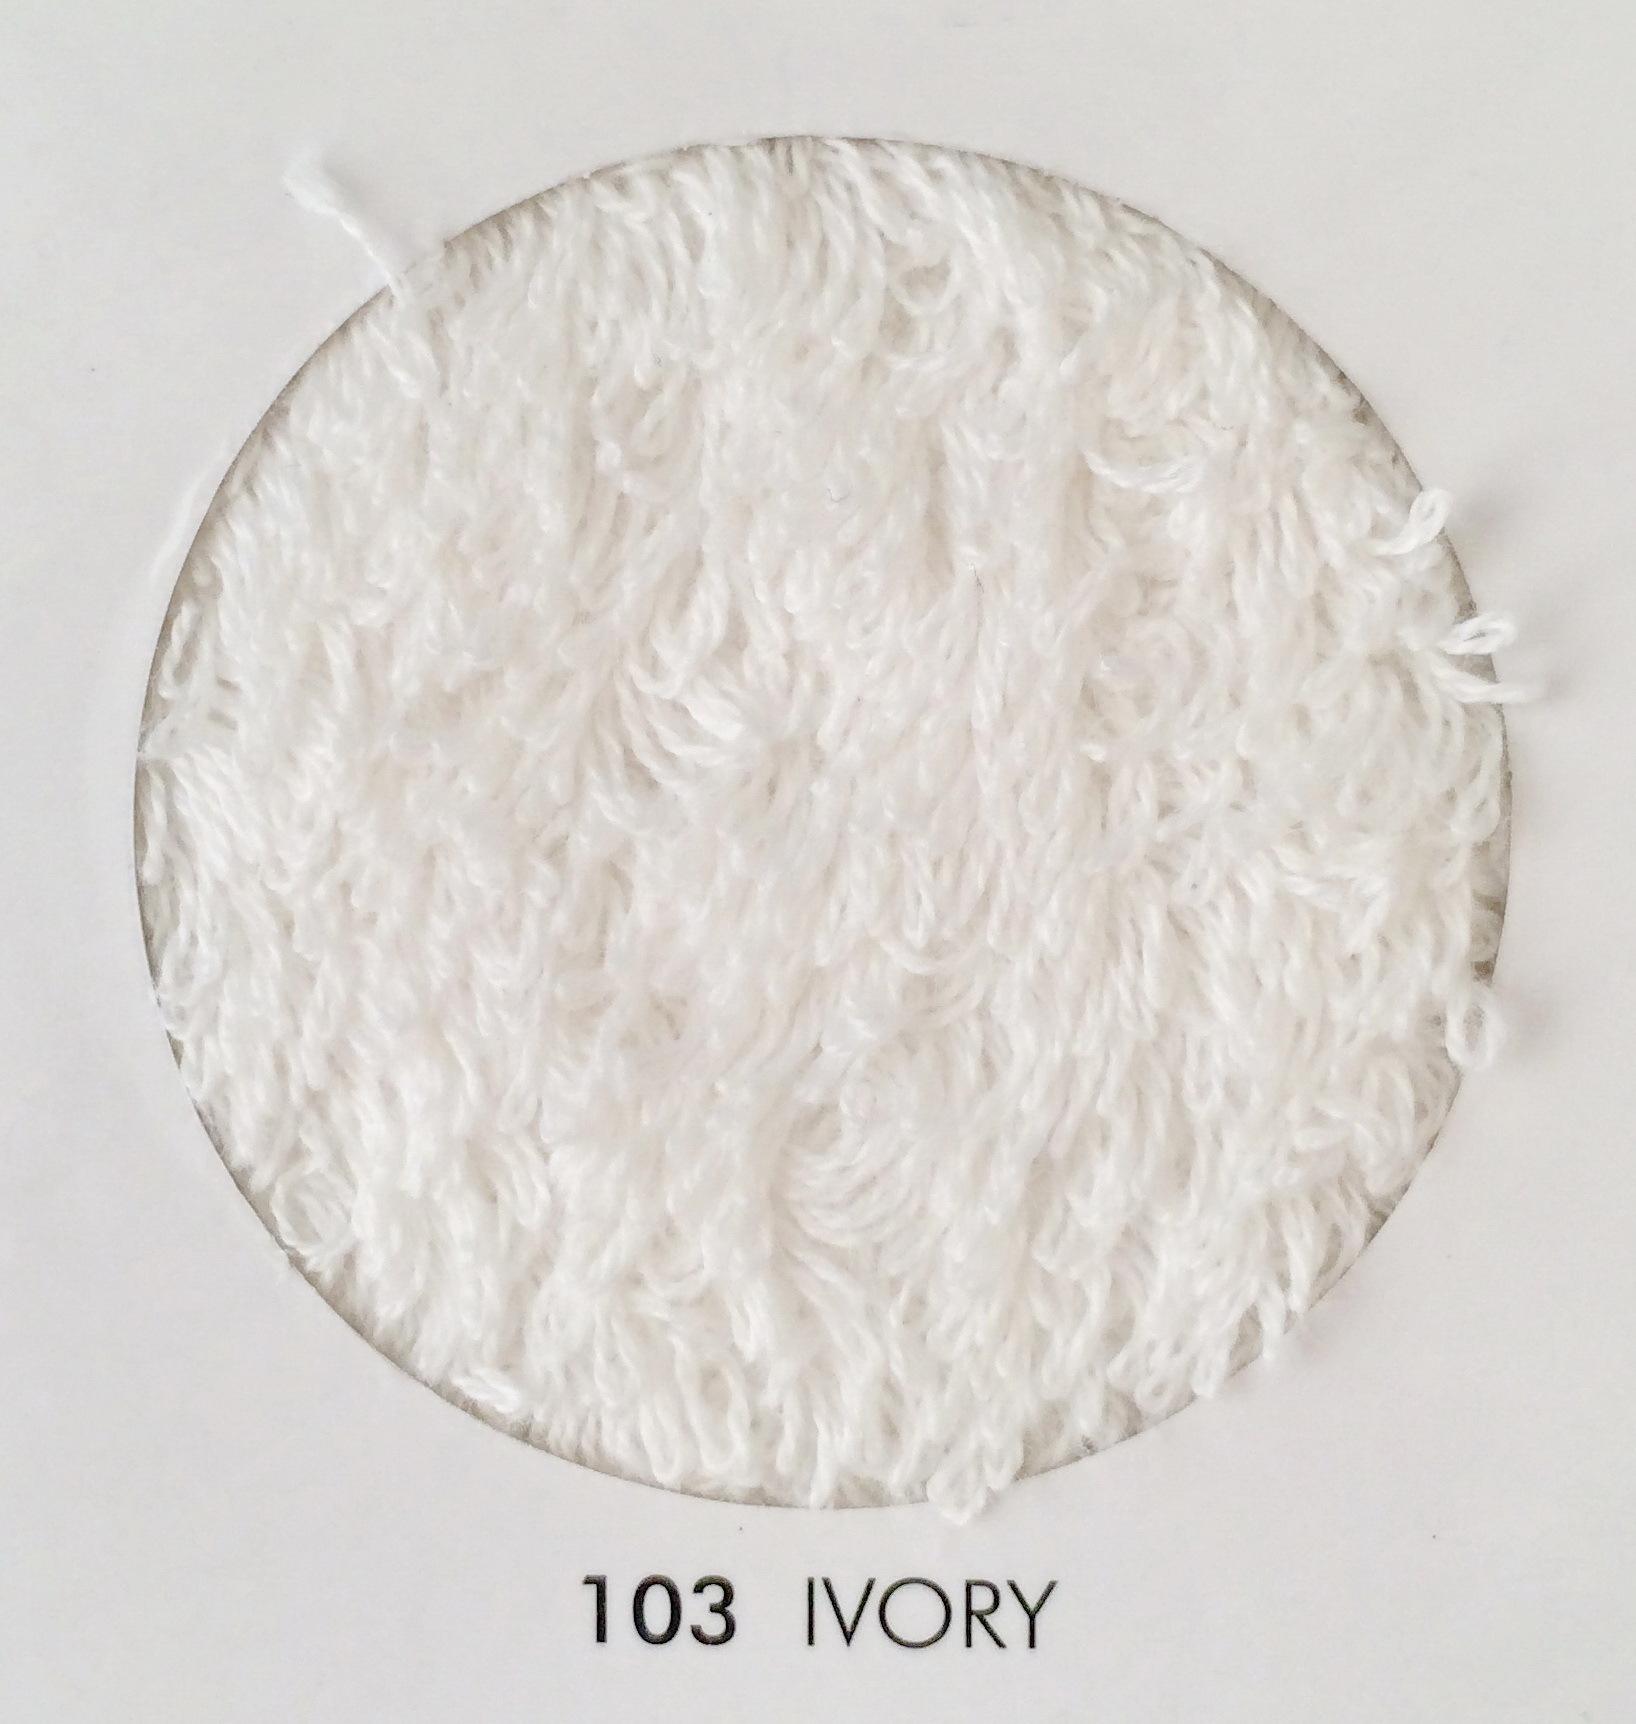 Коврики для унитаза Коврик для унитаза 60х60 Abyss & Habidecor Reversible 103 Ivory elitnyy-kovrik-dlya-unitaza-reversible-103-ivory-ot-abyss-habidecor-portugaliya.jpg